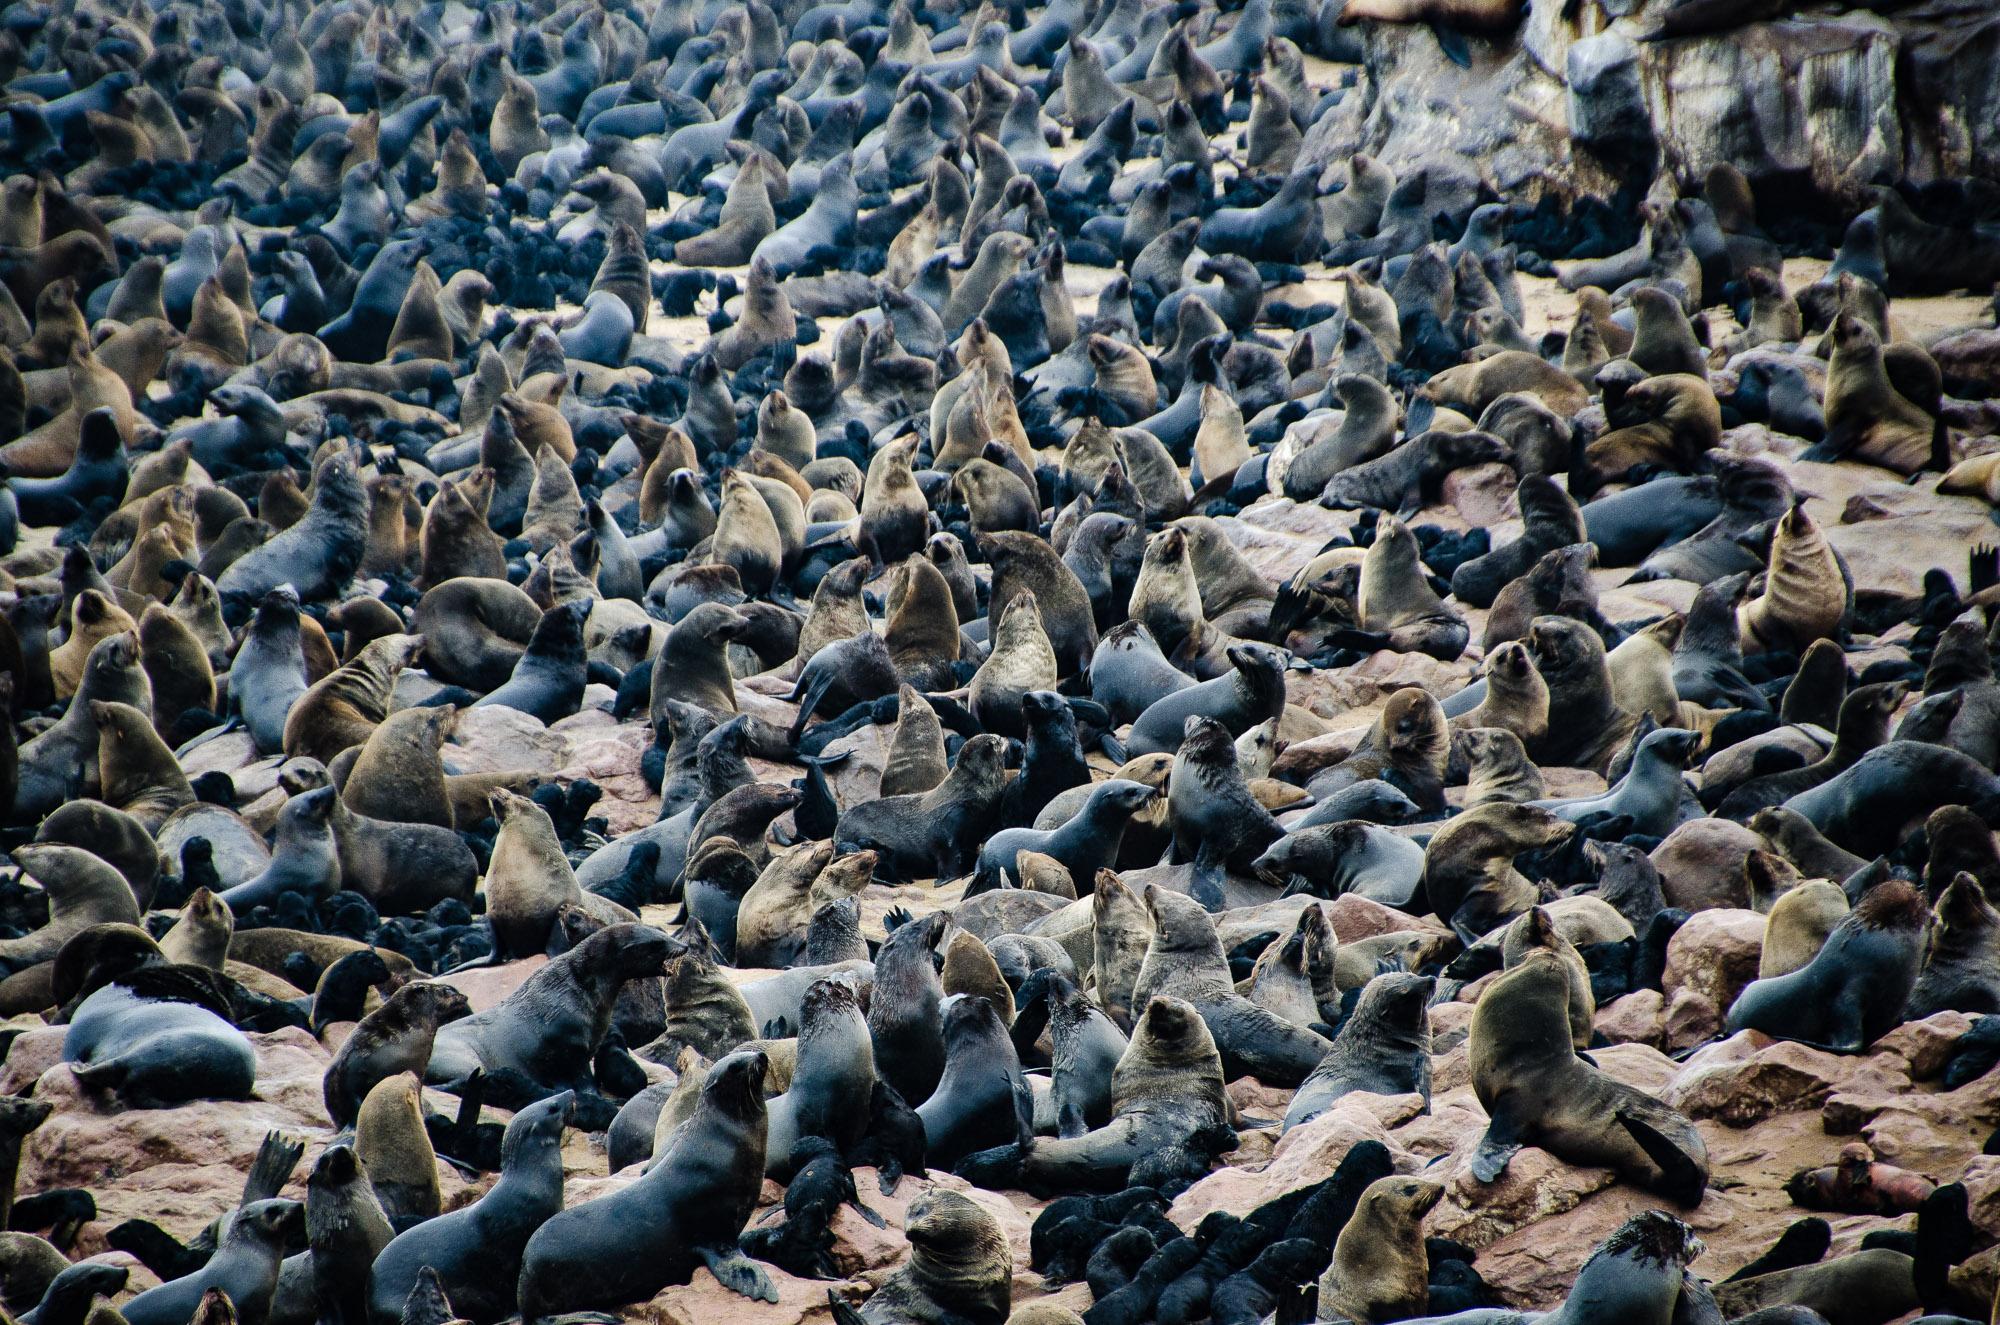 colonie phoques cape cross 2 - swakopmund - le desert du namibie - afrique, namibie